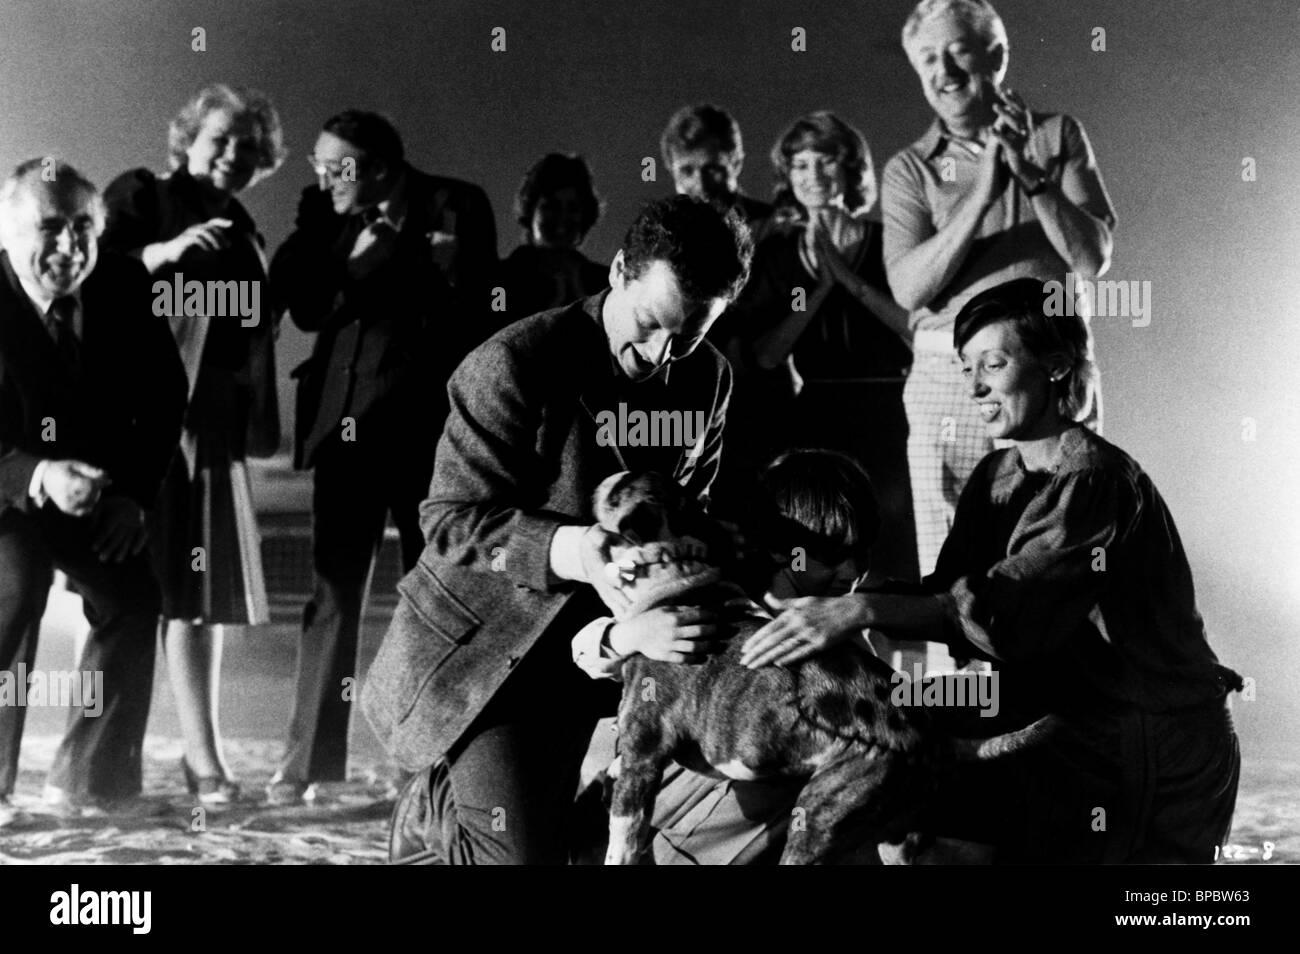 Daniel Stern Shelley Duvall Sparky Frankenweenie 1984 Stock Photo Alamy